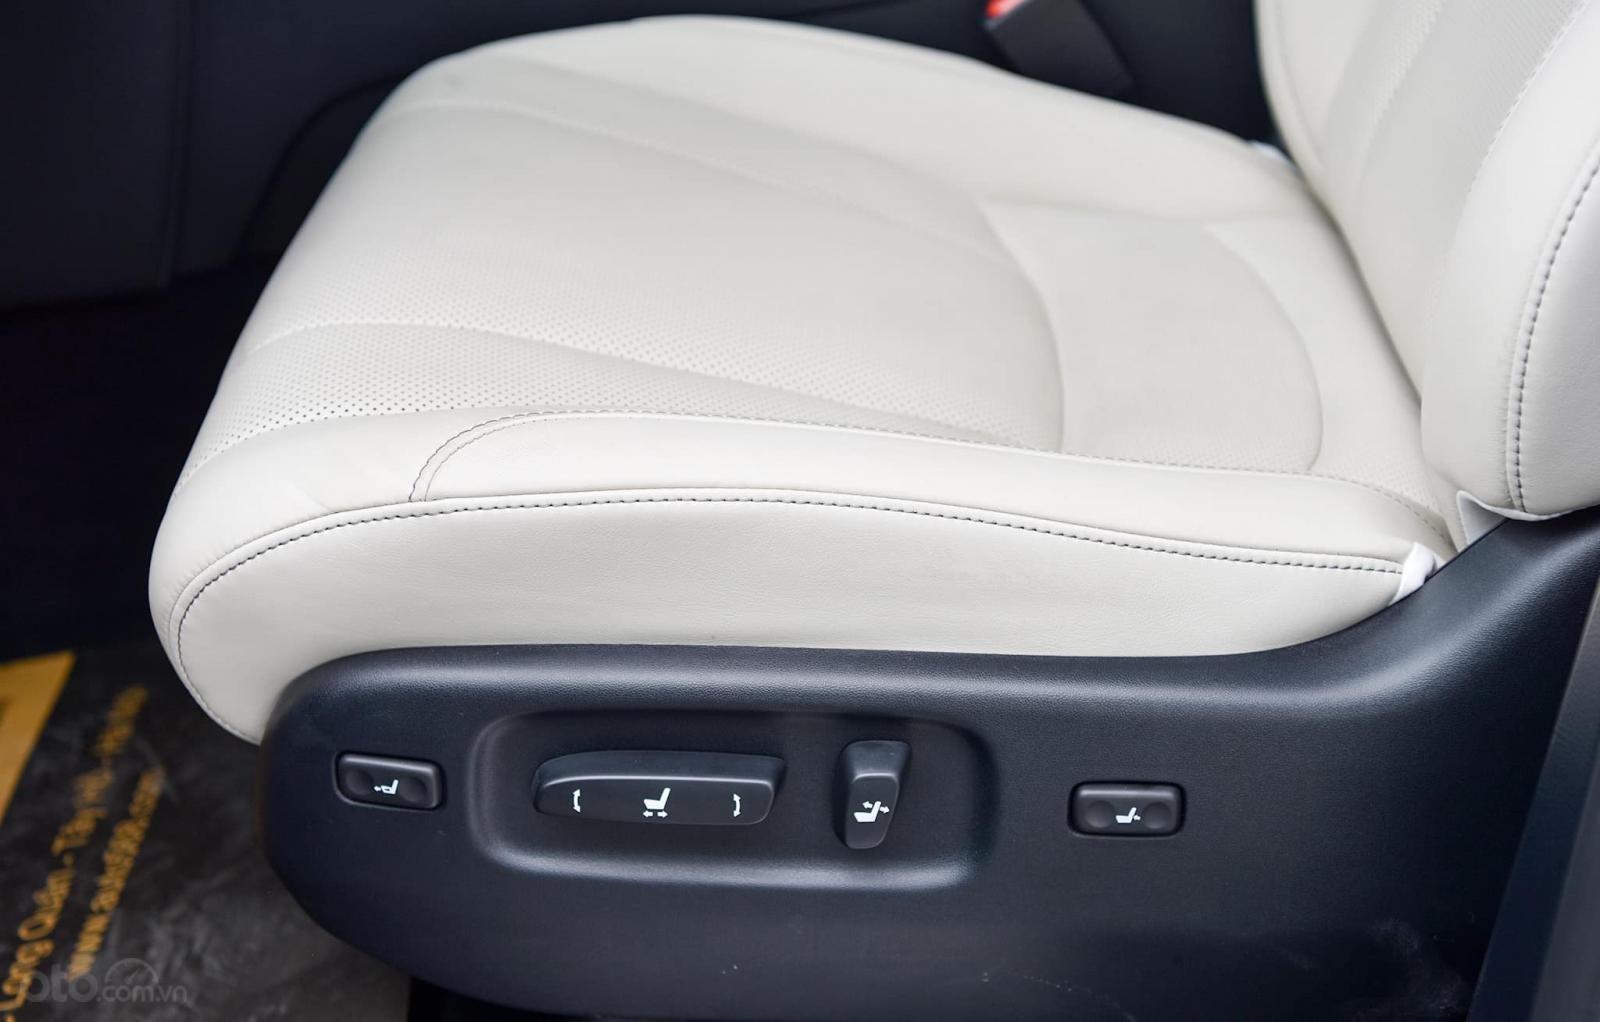 Giao ngay Lexus LX LX570 Inspiration 2019 giá tốt, phiên bản giới hạn 500 xe duy nhất (11)